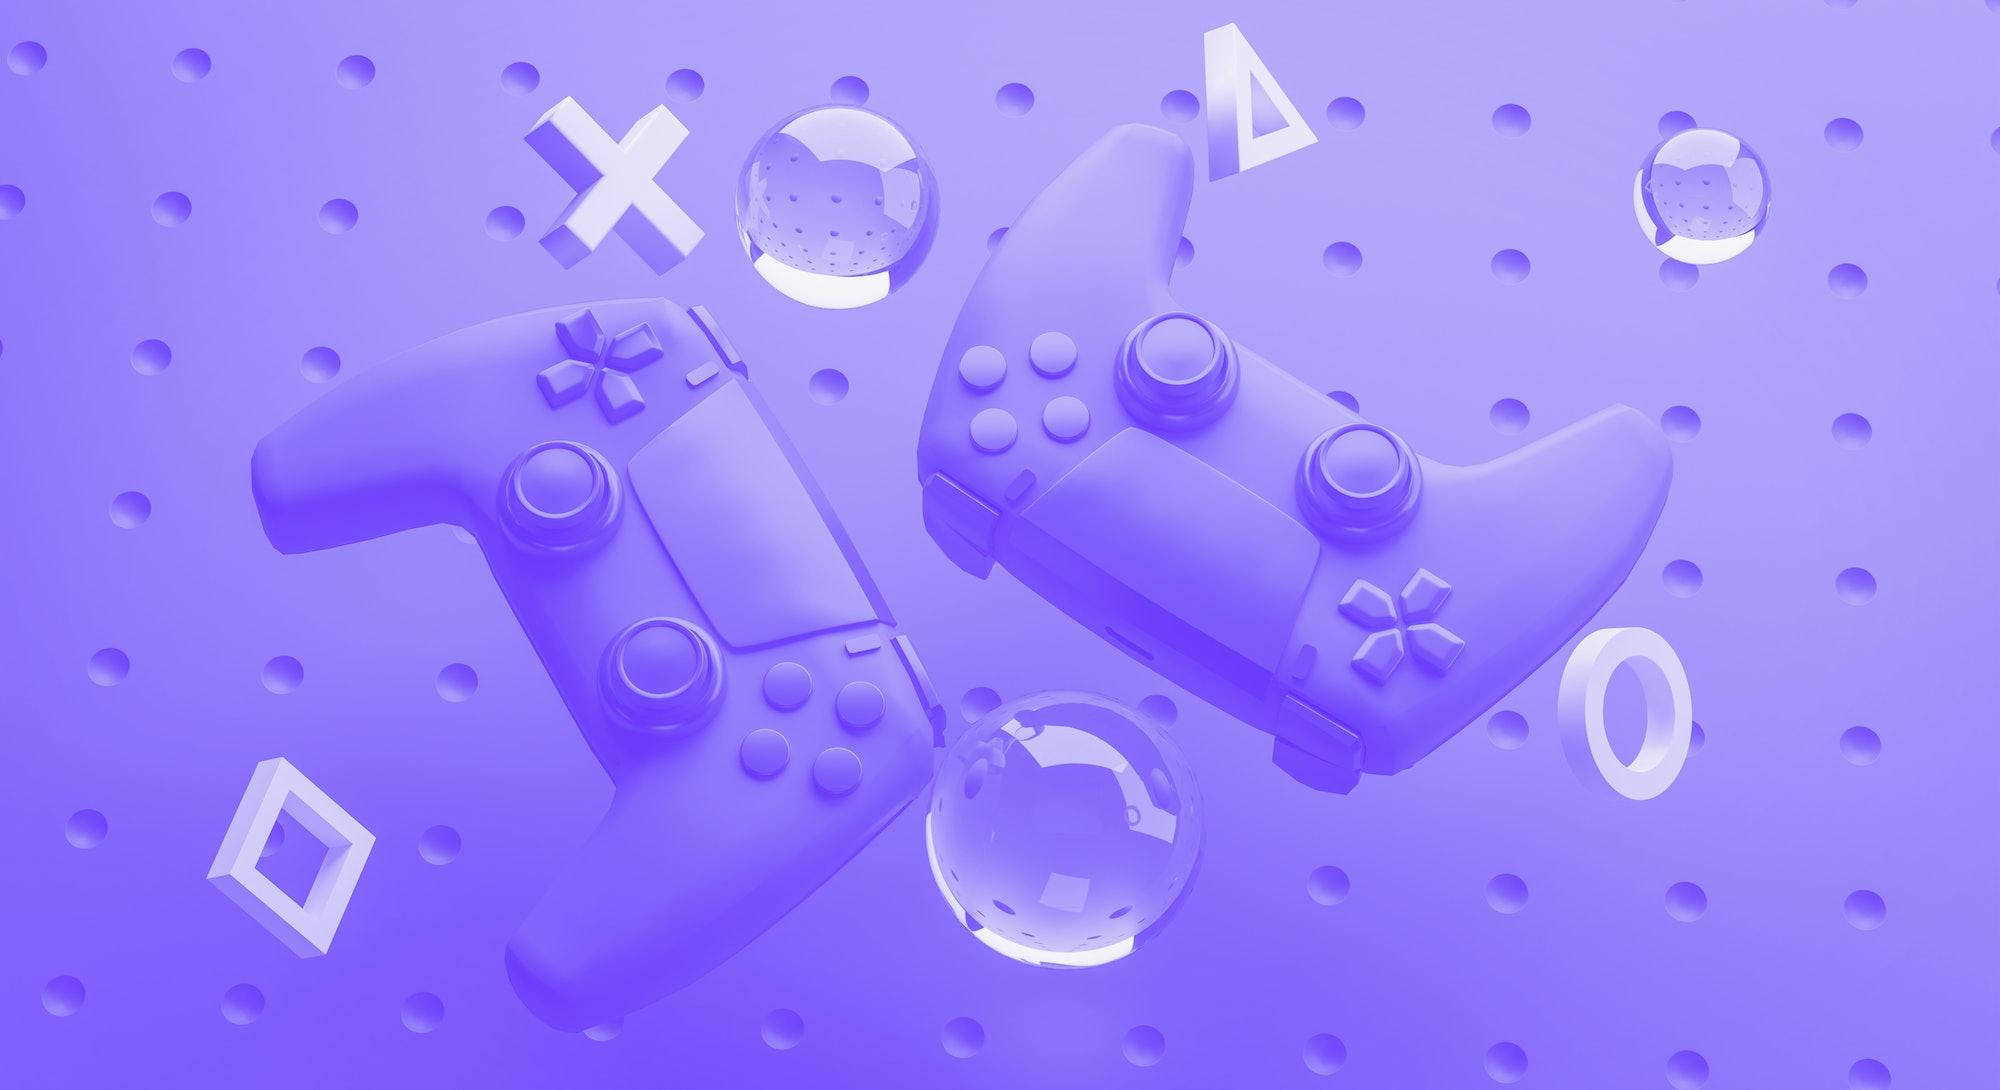 Digital Art of Blue Gamepad Background 3D Rendering